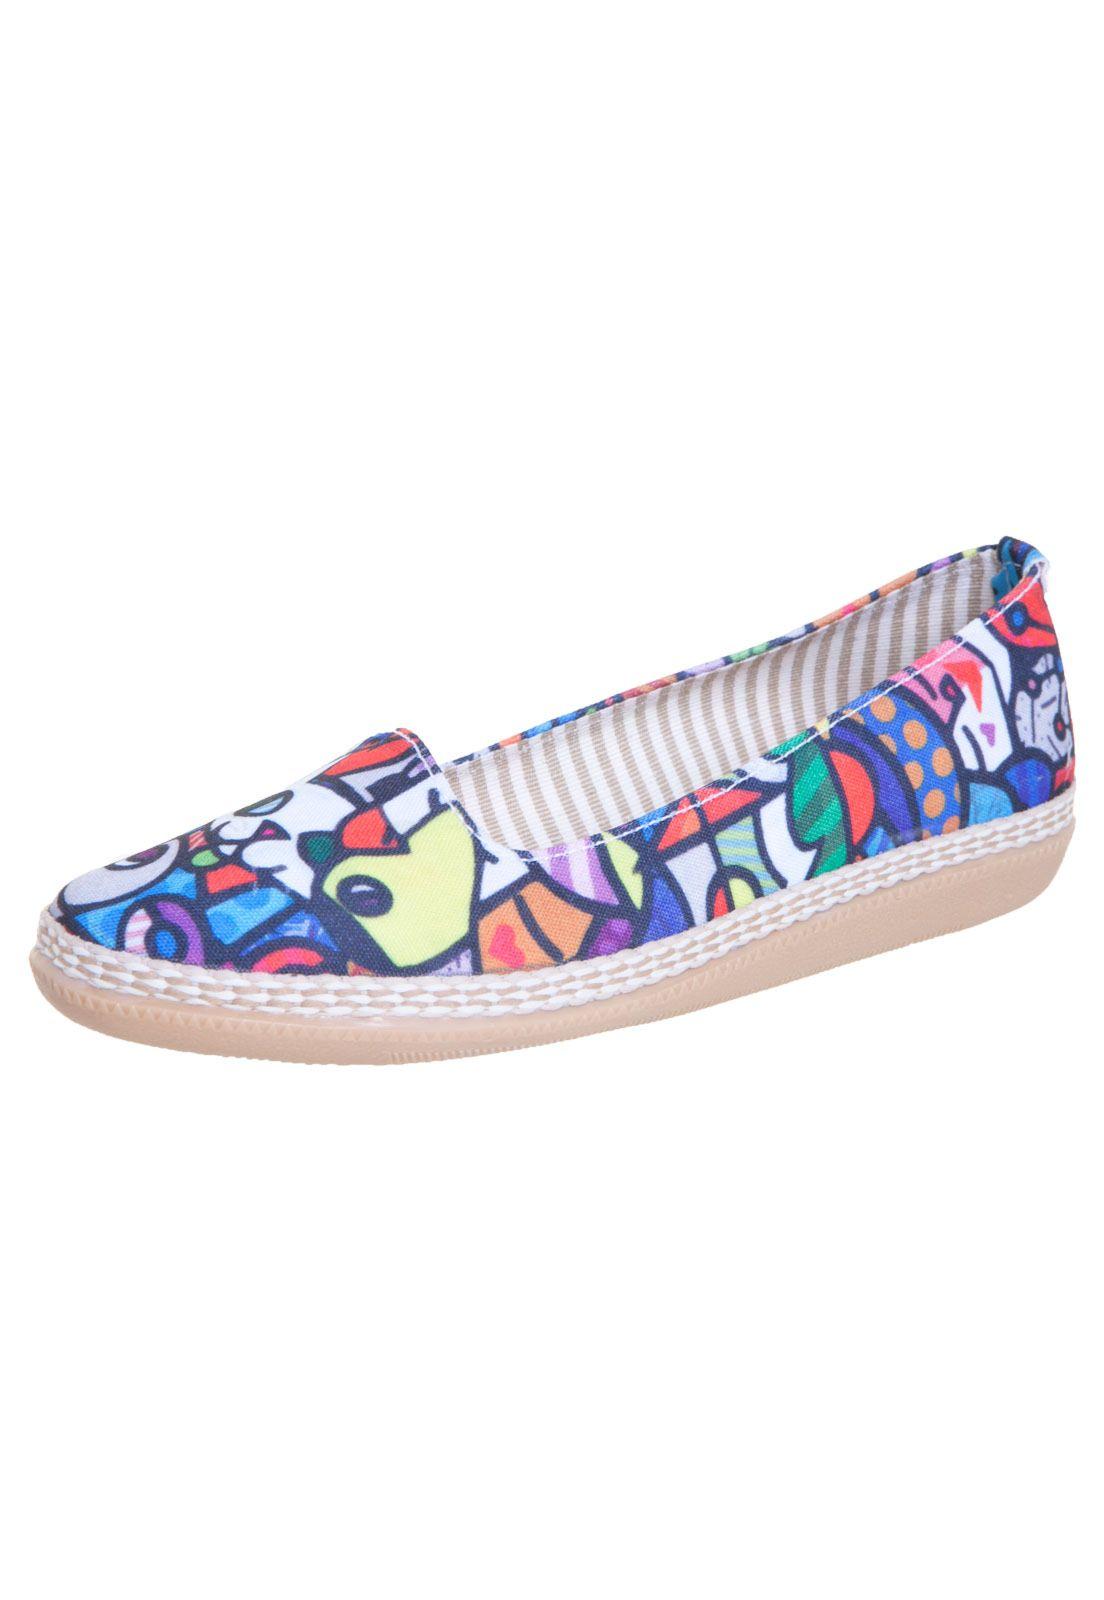 749a3bf240 Sapatilha FiveBlu Inspired Multicolorida - Compre Agora